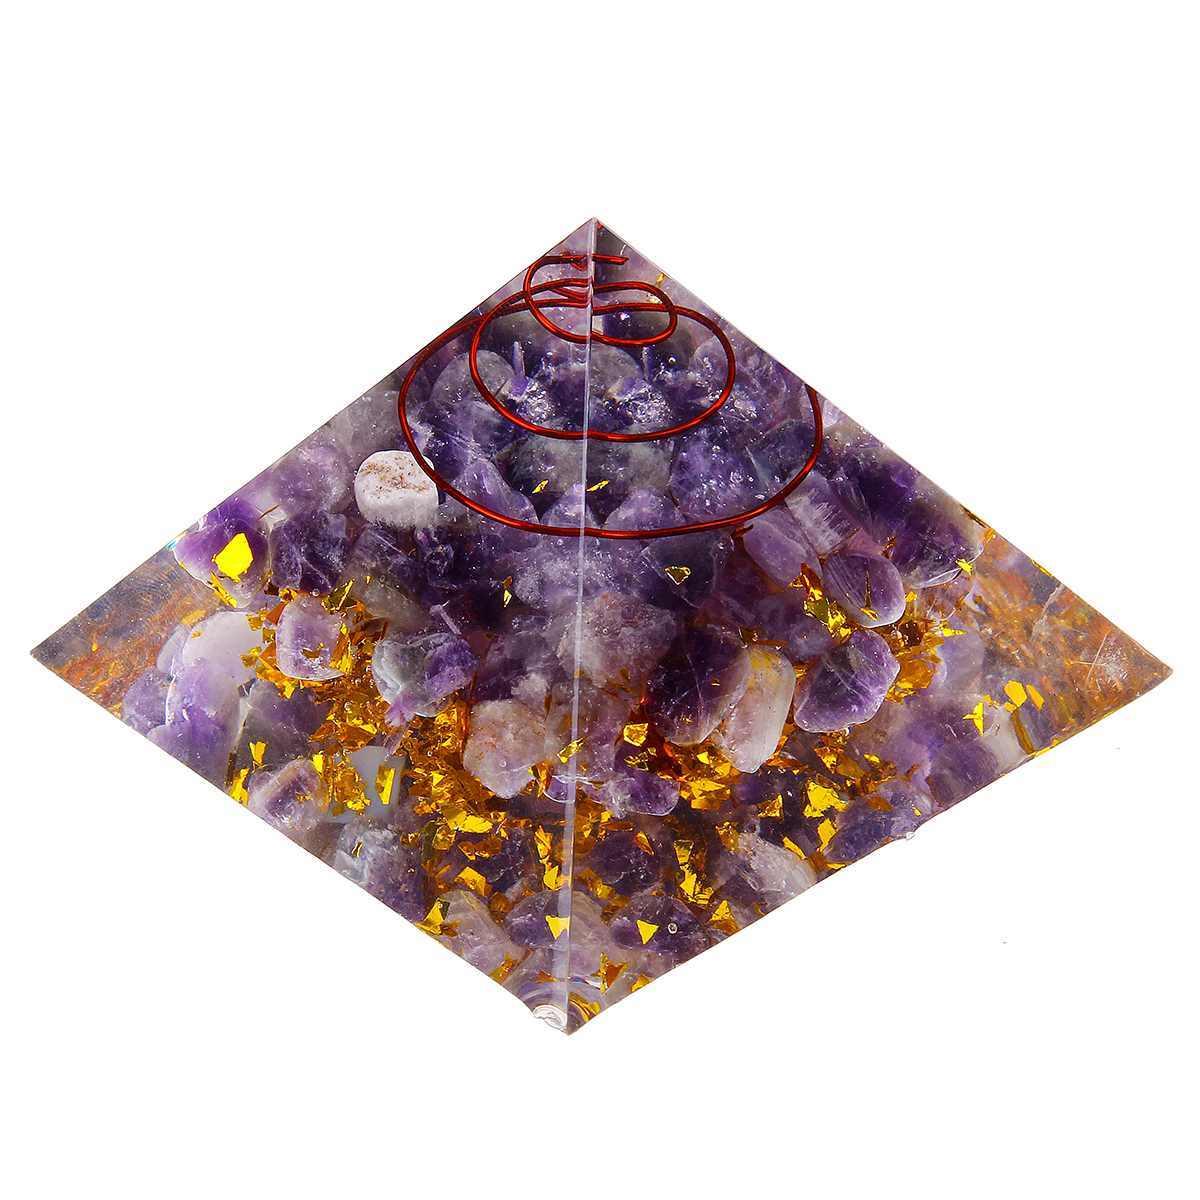 Tím Orgone Kim Tự Tháp 6.5 cm bình Edge Chữa Bệnh Kim Tự Tháp Thạch Anh Tím Kim Tự Tháp Pha Lê Thủ Công Vật Trang Trí Trang Trí Nhà Hàng Thủ Công May Mắn Quà Tặng